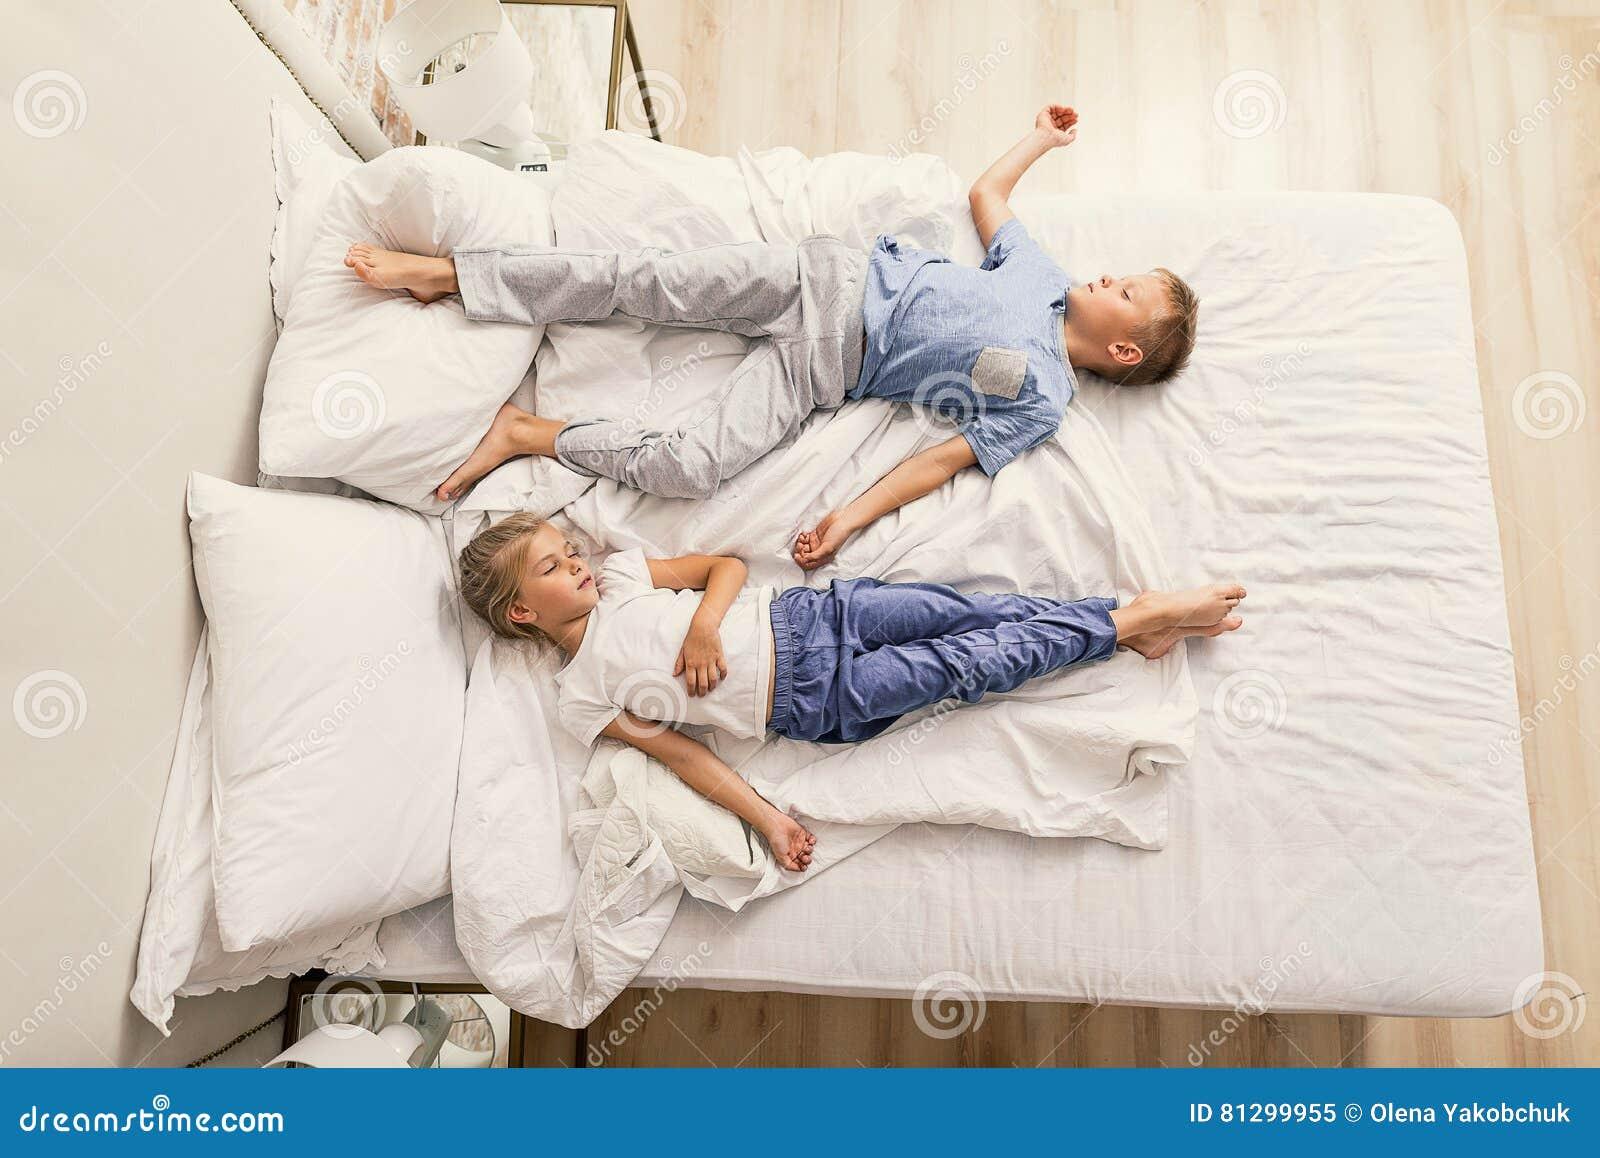 Bruder Und Schwester Schlafen Miteinander